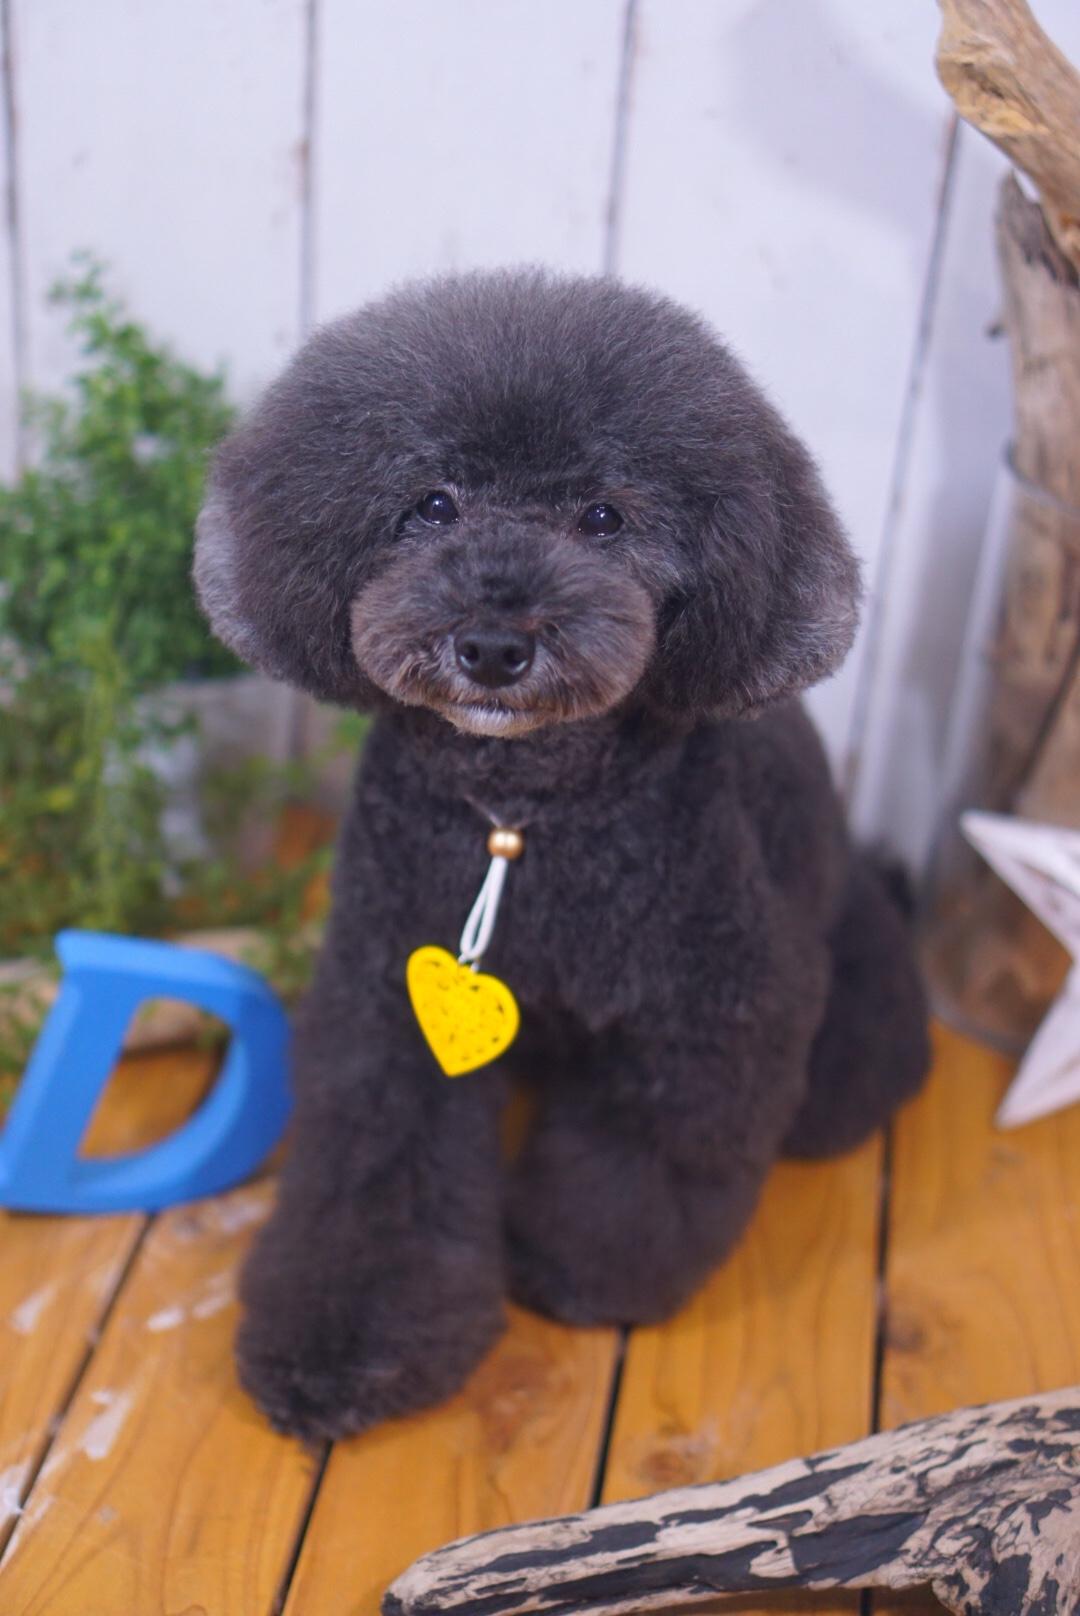 トイプードルのPOPちゃん☆大田区「久が原 雪が谷大塚 石川台 」ペットトリミングサロンDEAR DOGS